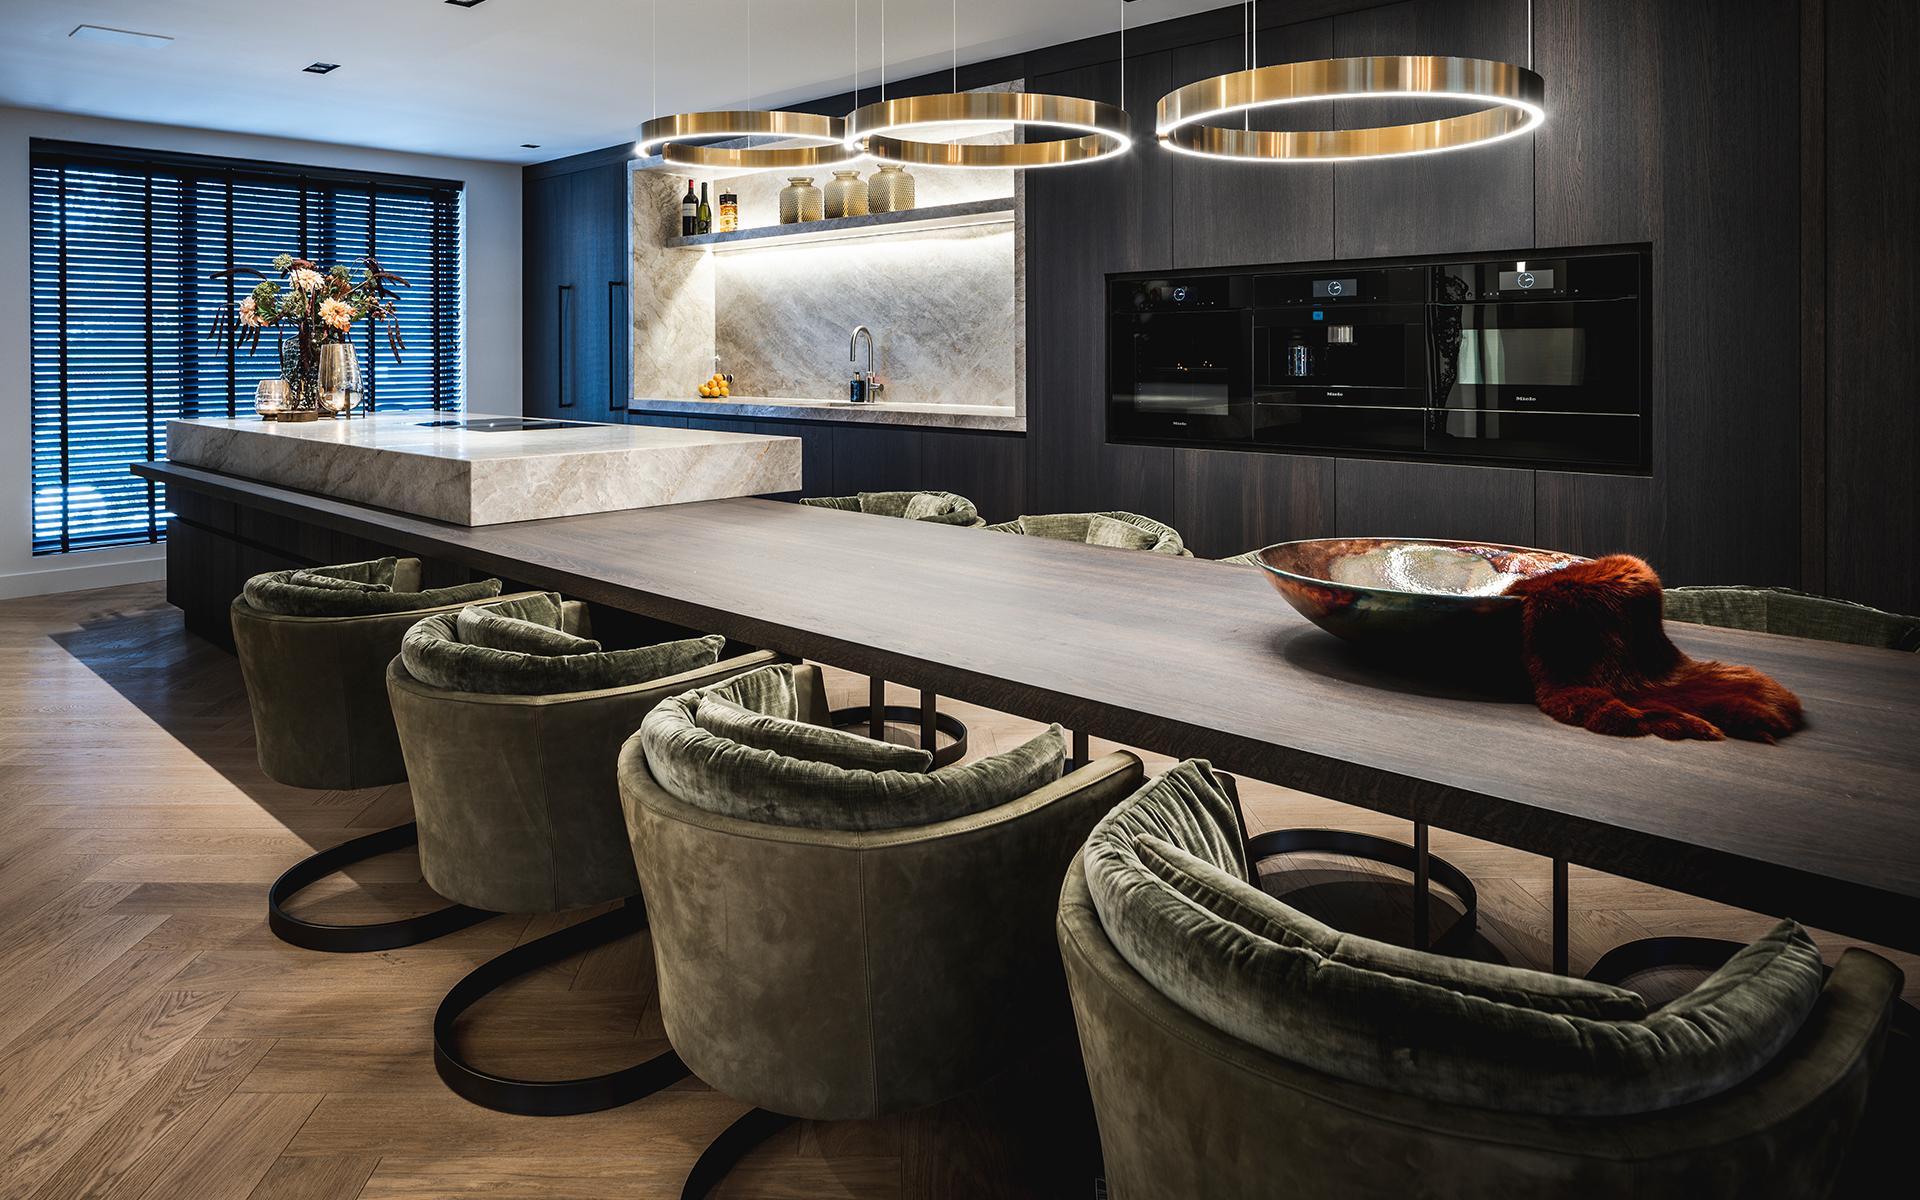 Keuken ontwerp ecker interieur